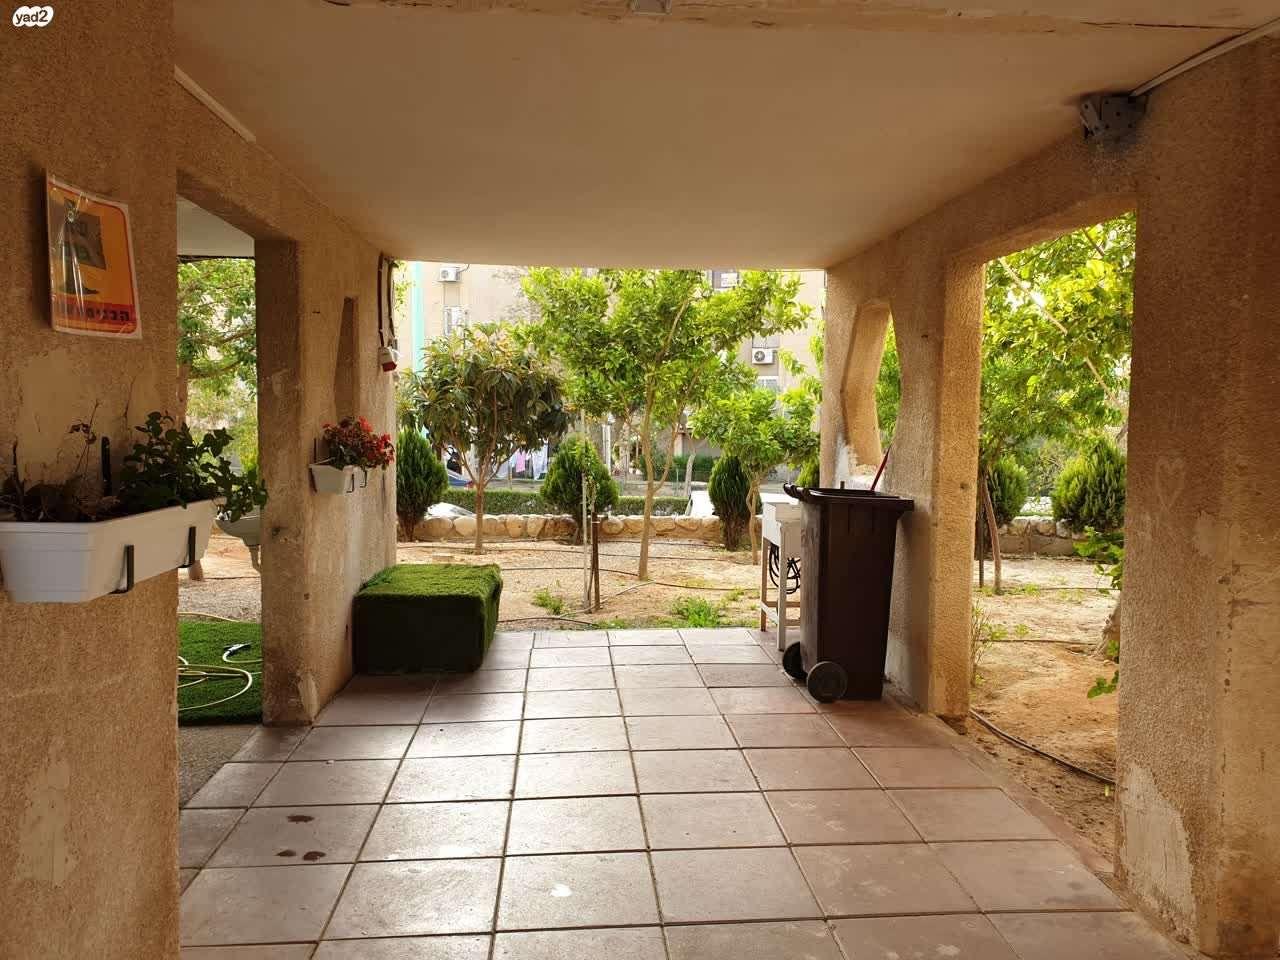 דירה למכירה 4 חדרים בבאר שבע שאול המלך